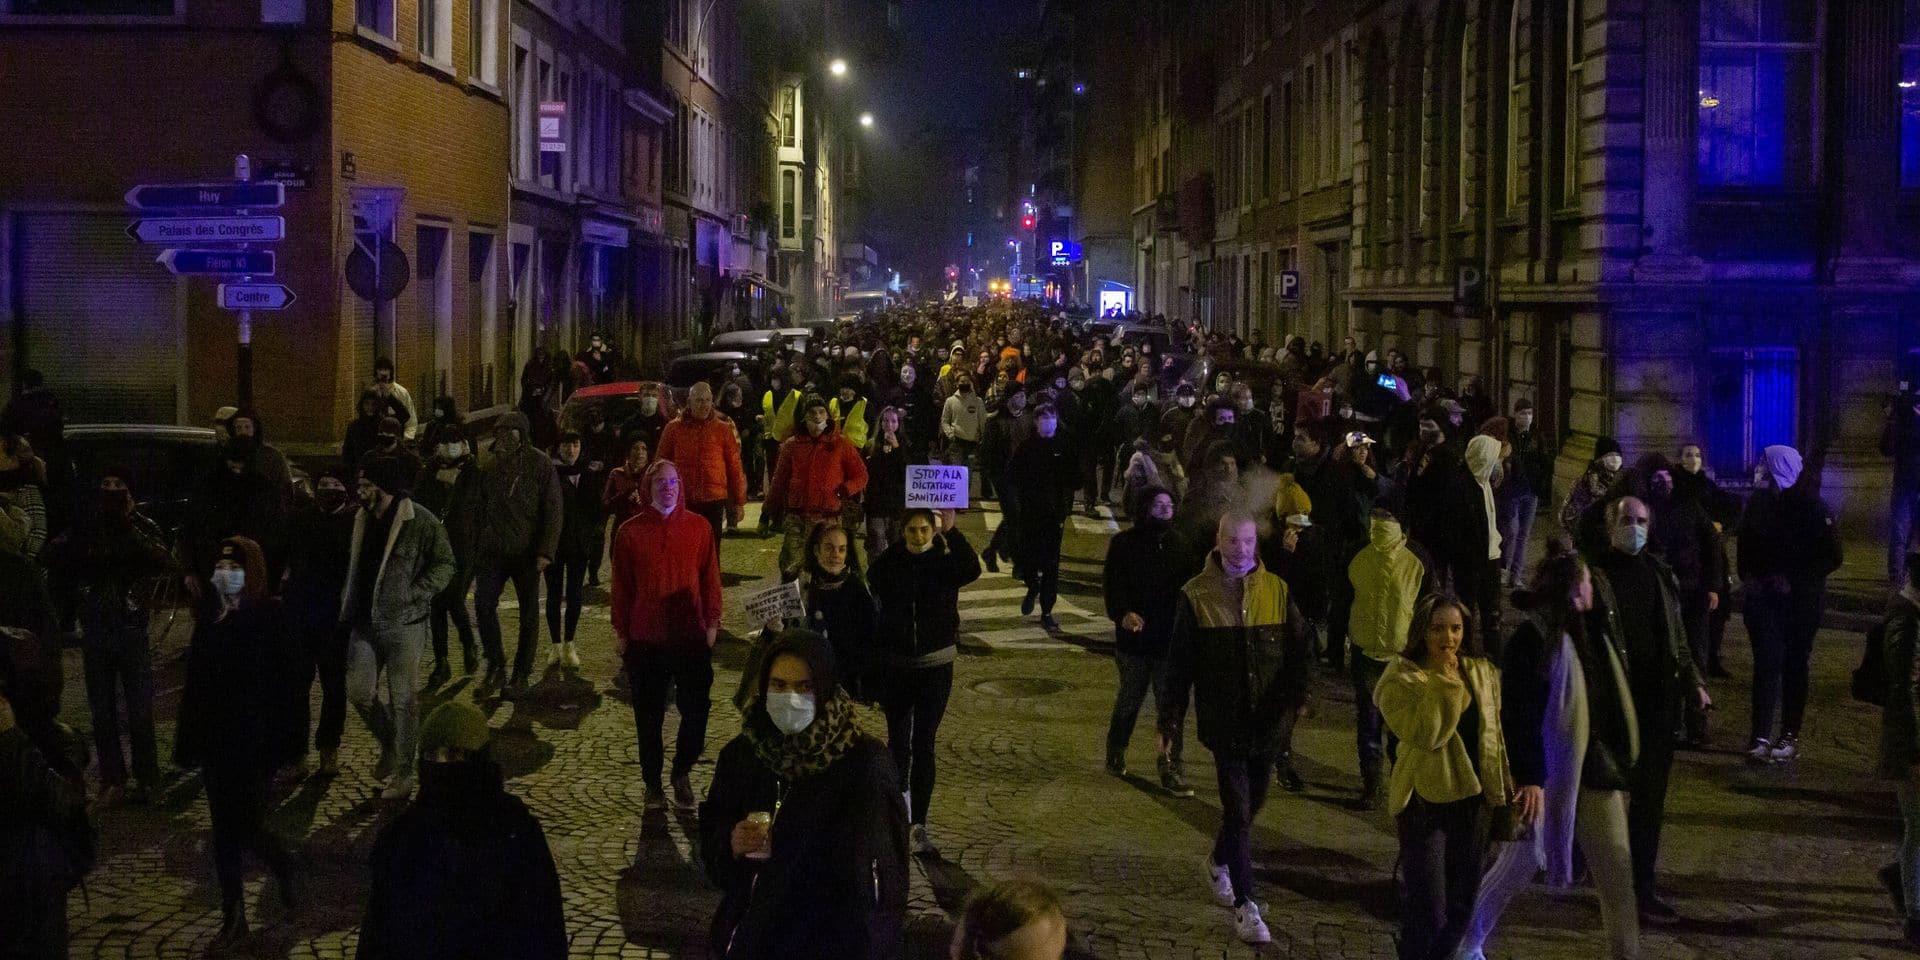 Le couvre-feu prolongé - ou pas- en Wallonie ? La décision sera prise ce vendredi